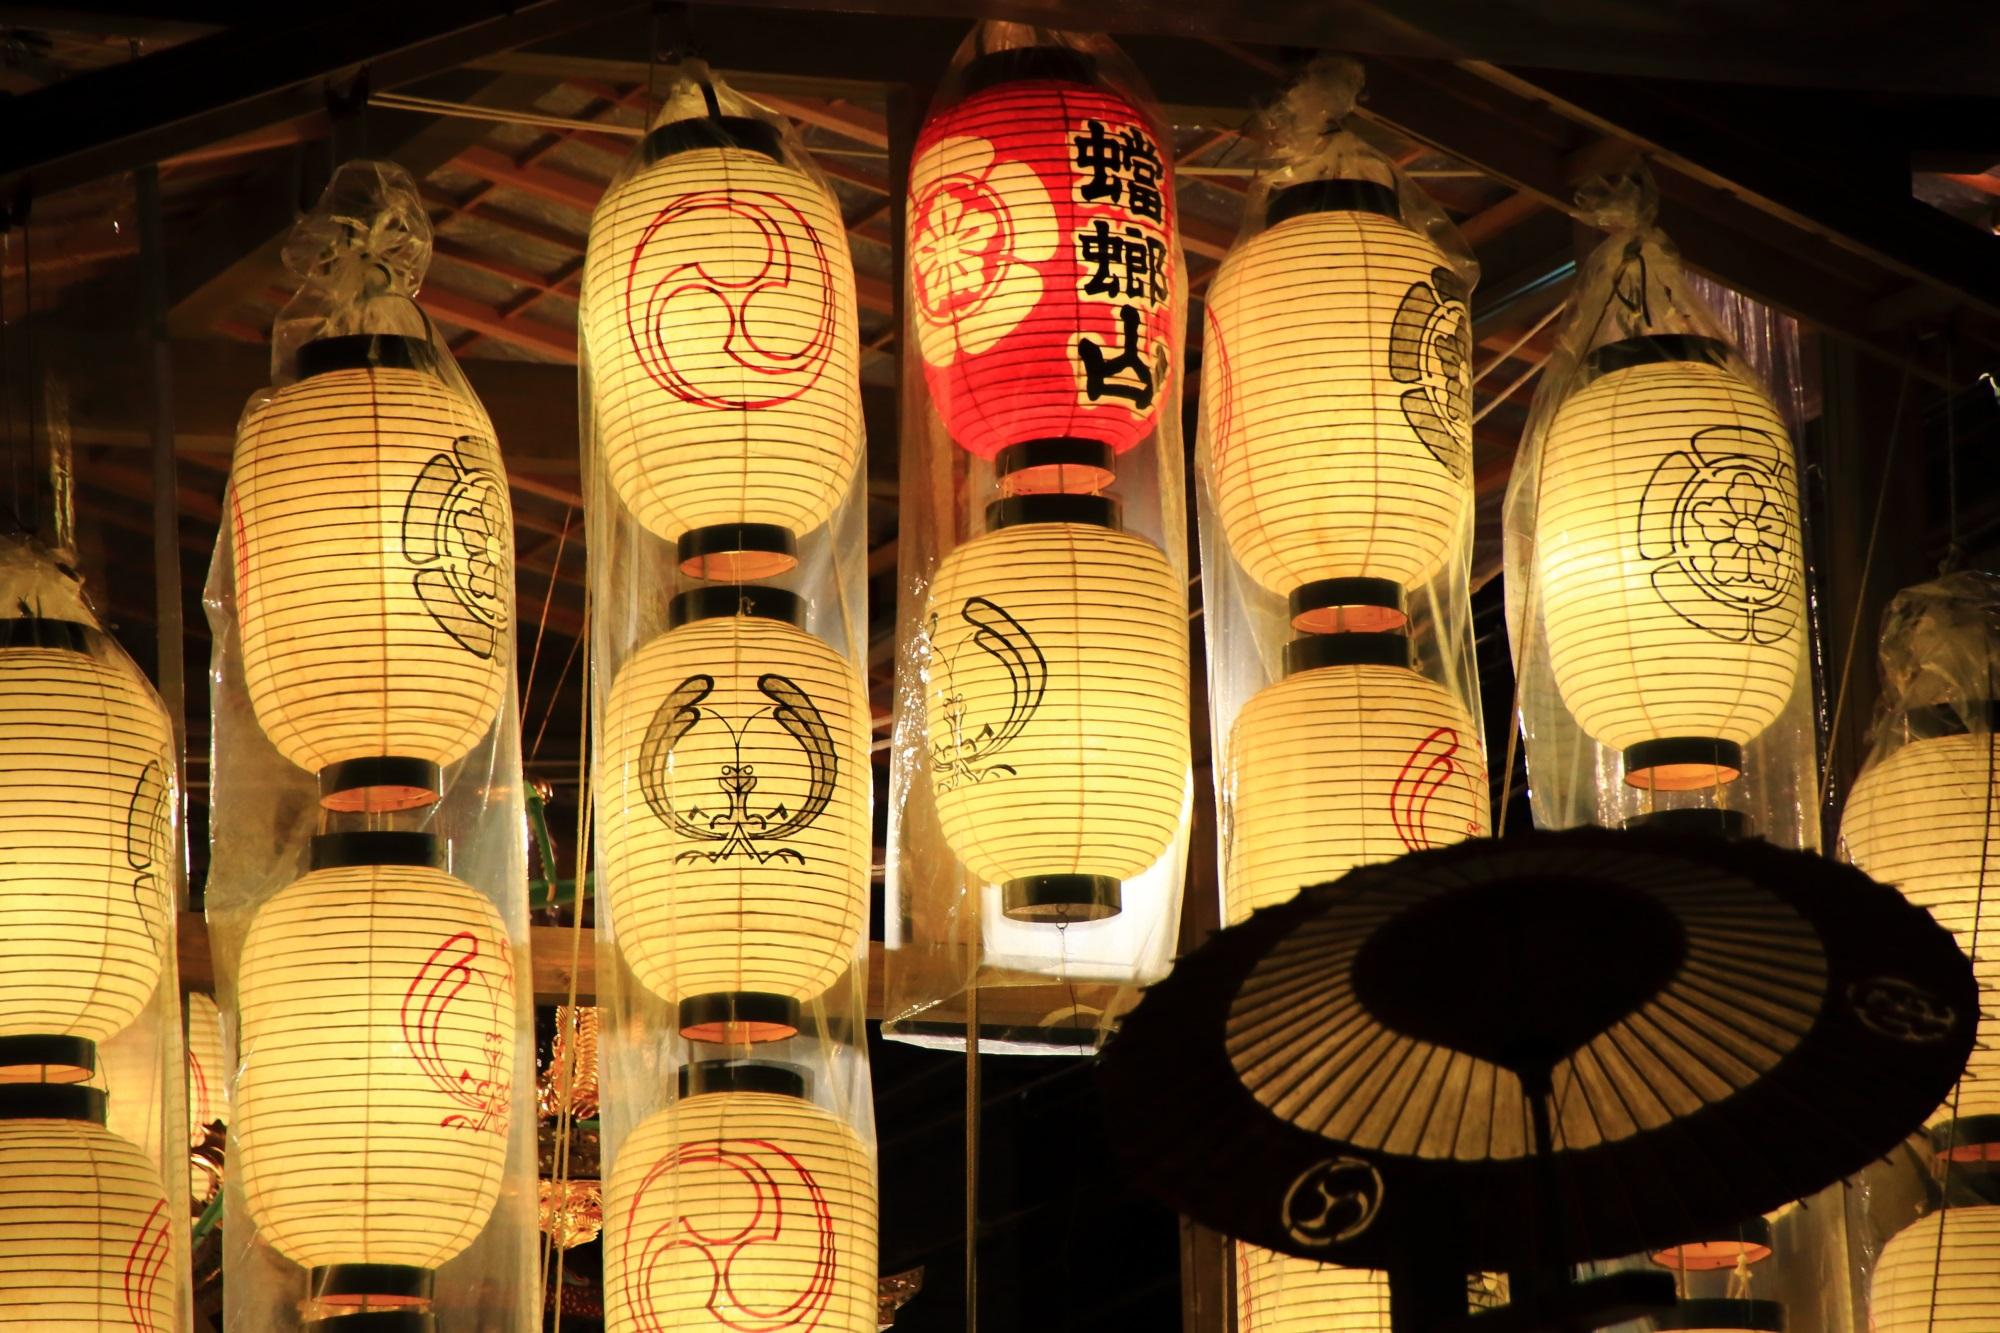 祇園祭の宵山の人気の蟷螂山の駒形提灯